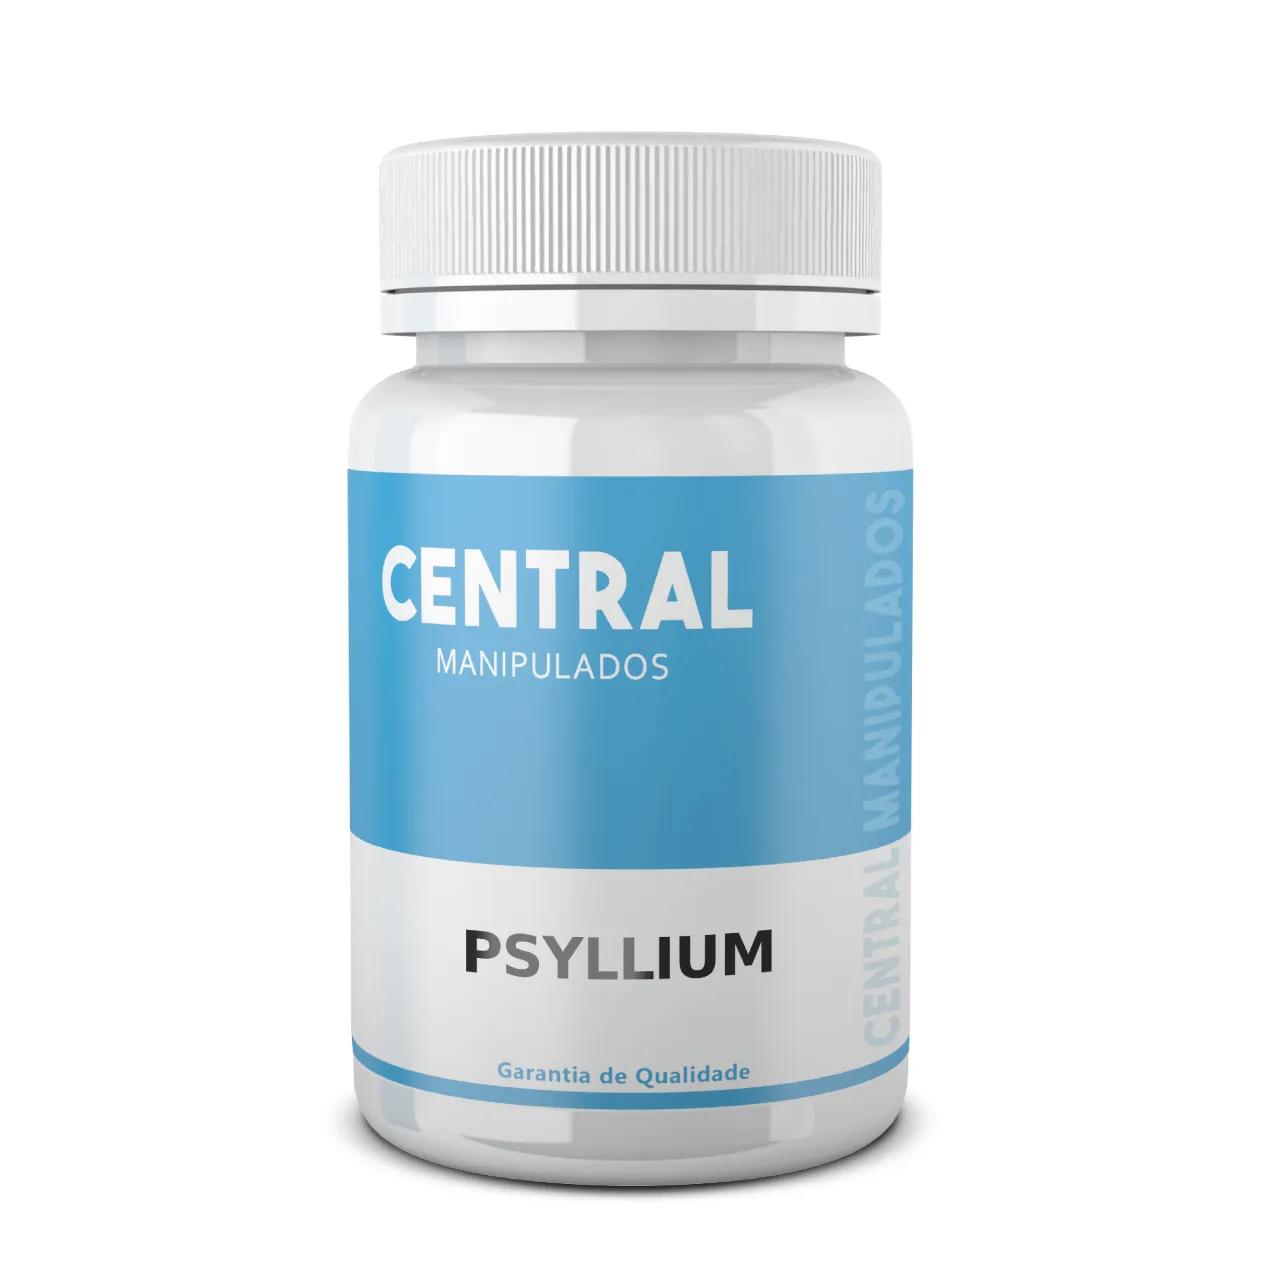 Psyllium 500mg 120 cápsulas - Para constipação crônica, hemorroidas, colites e diverticulites